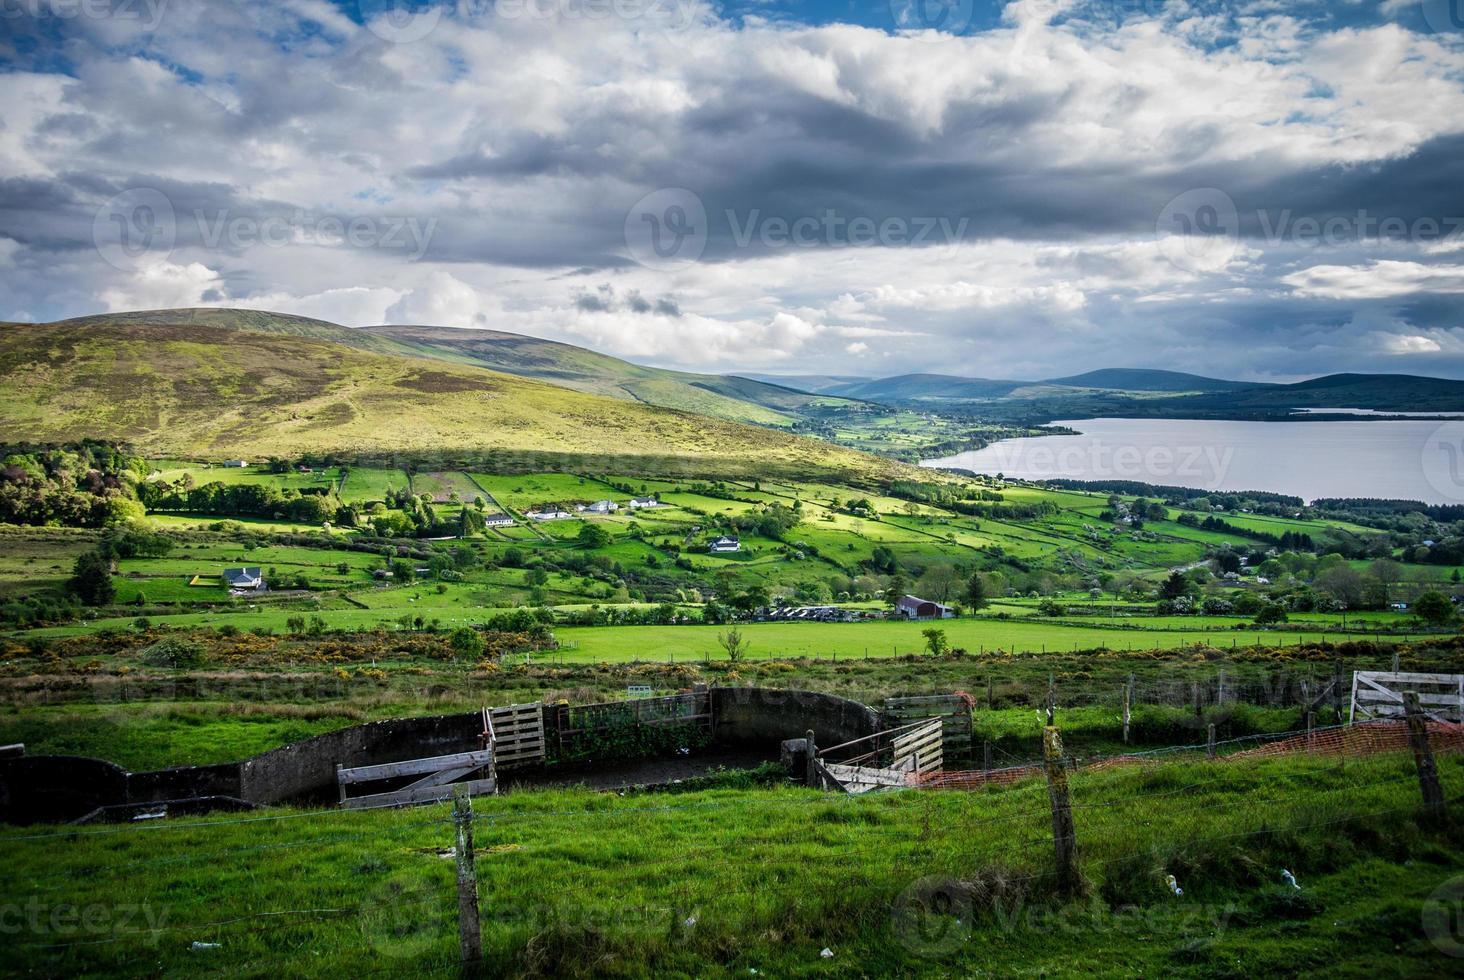 république d'irlande, comté de wicklow, montagne, lac, colline foto